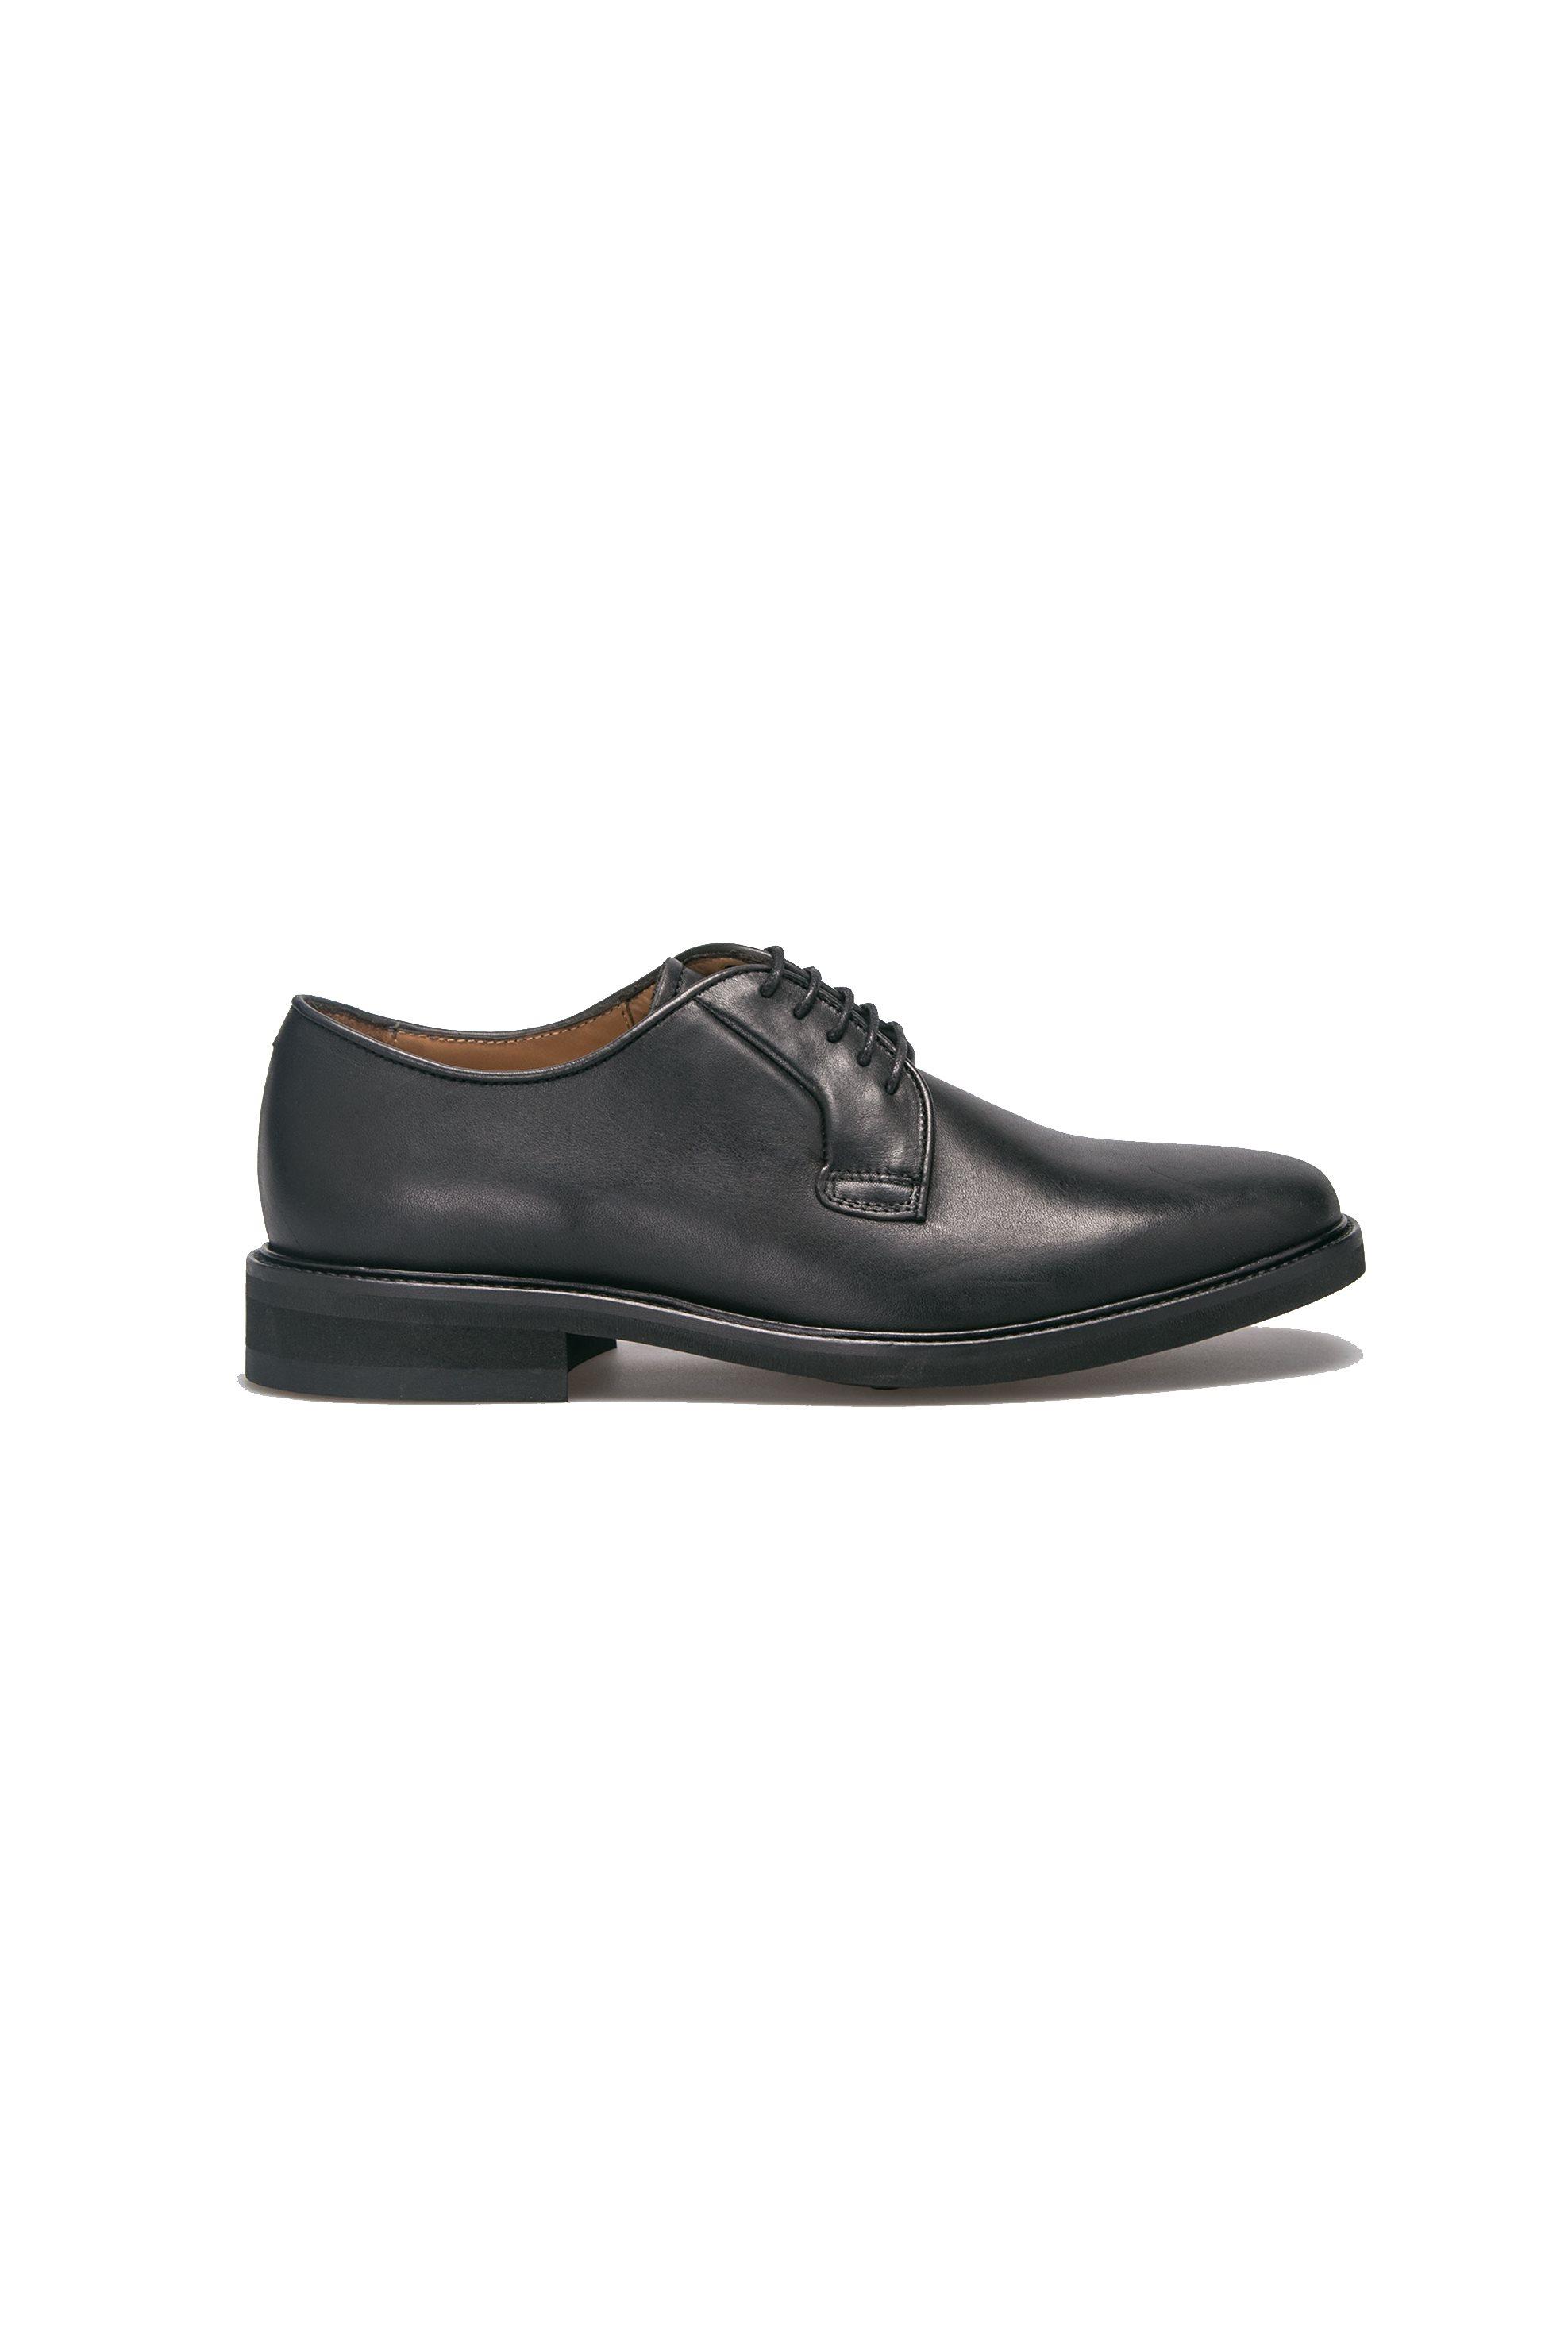 Ανδρικό παπούτσι Sebago – B160981 – Μαύρο